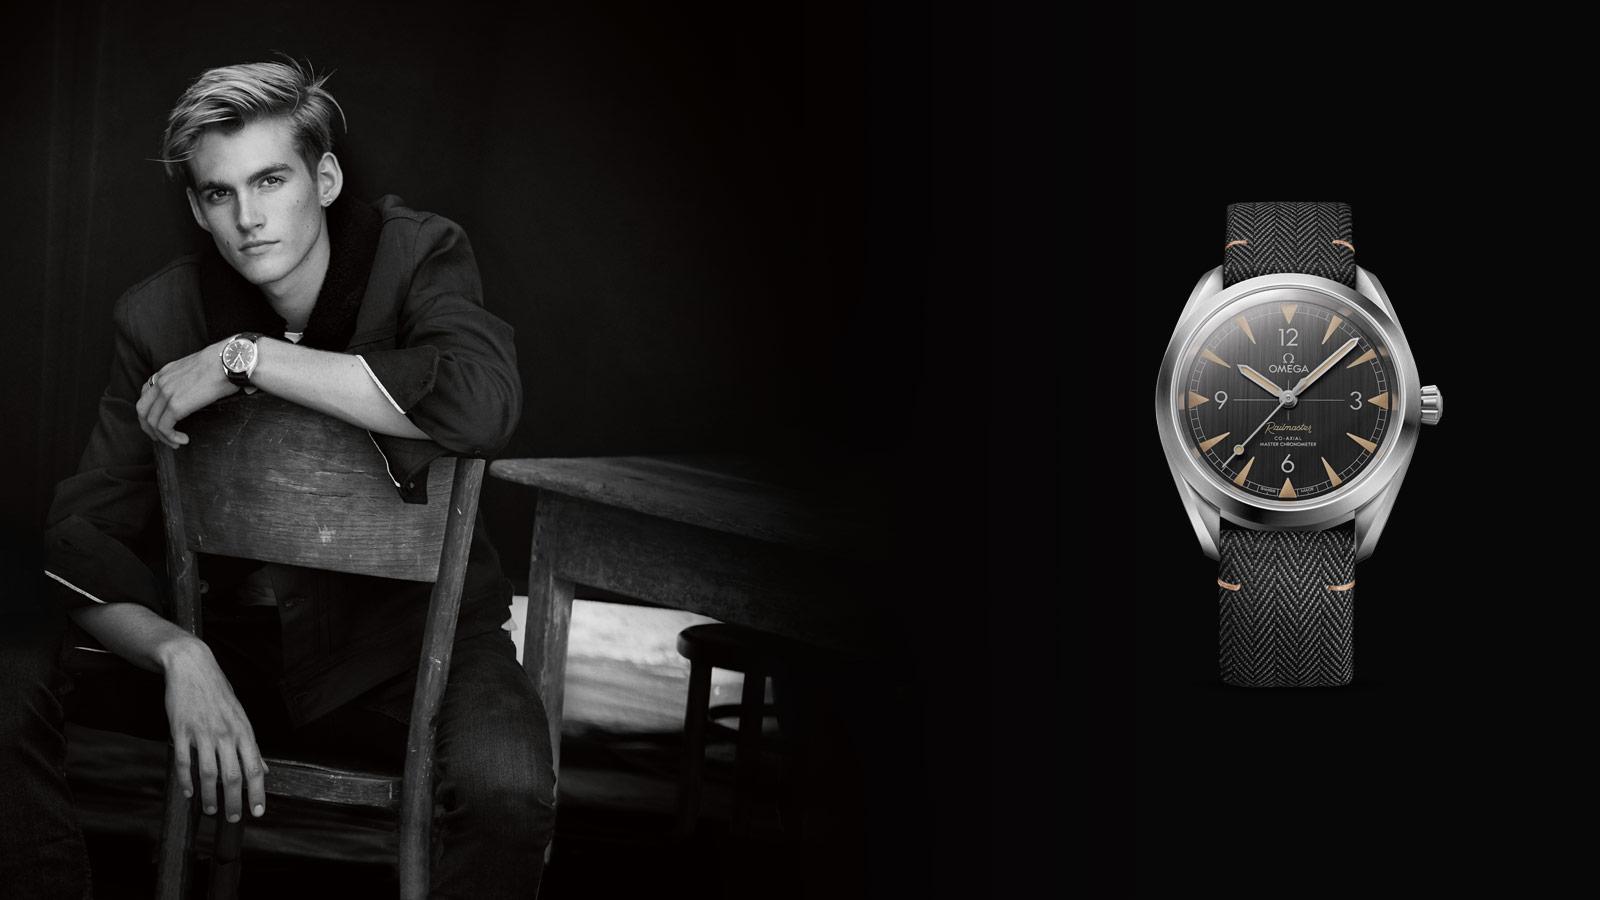 欧米茄腕表: 瑞士著名钟表制造商 轮播 5 - 48504